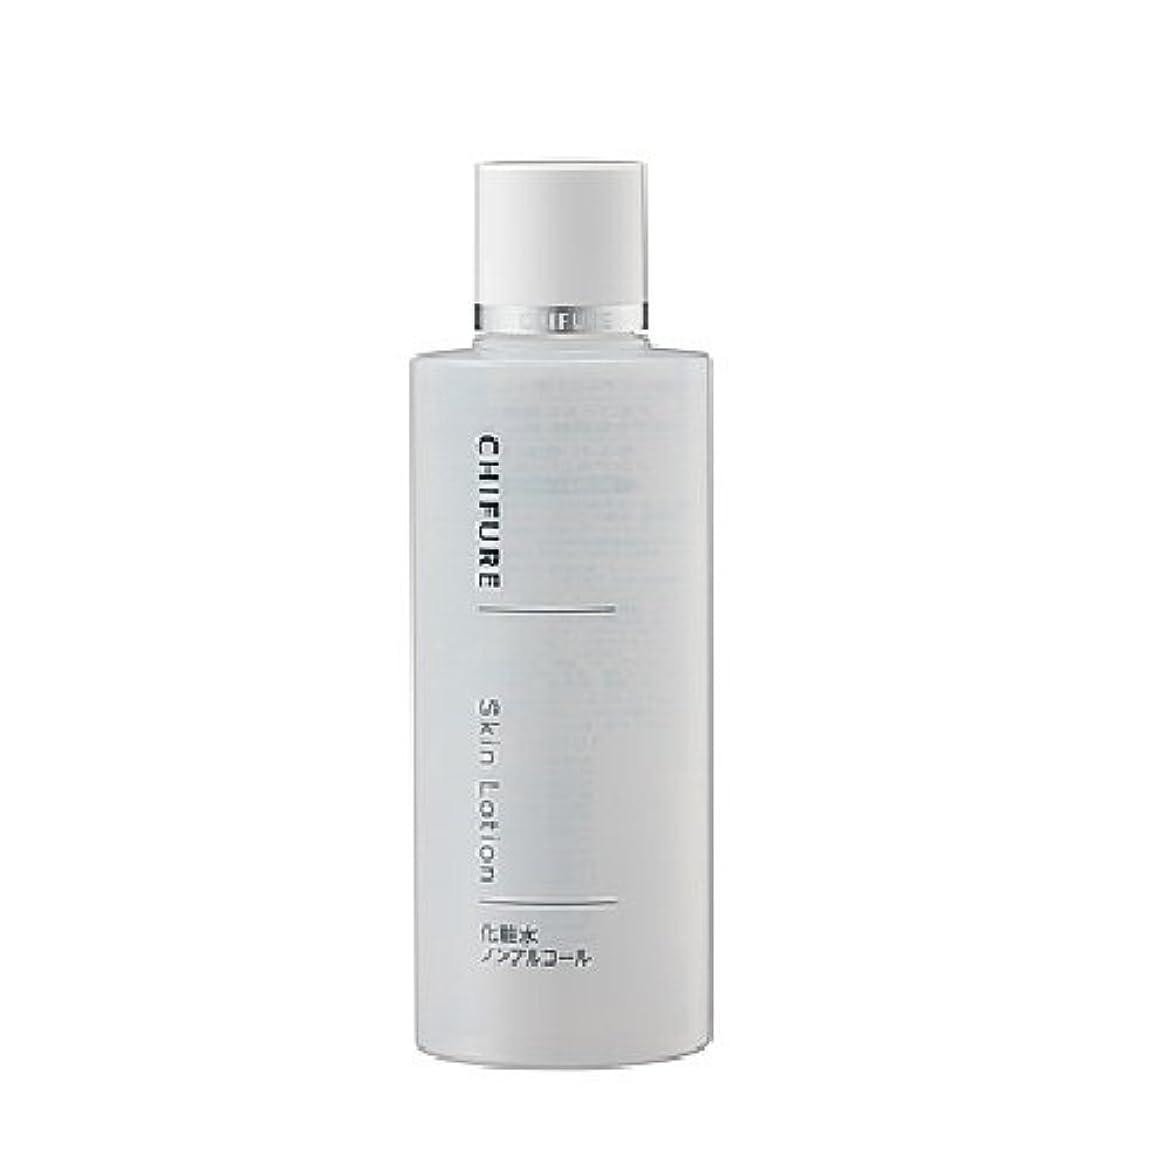 罹患率比較的レイちふれ化粧品 化粧水 ノンアルコールタイプ 180ML